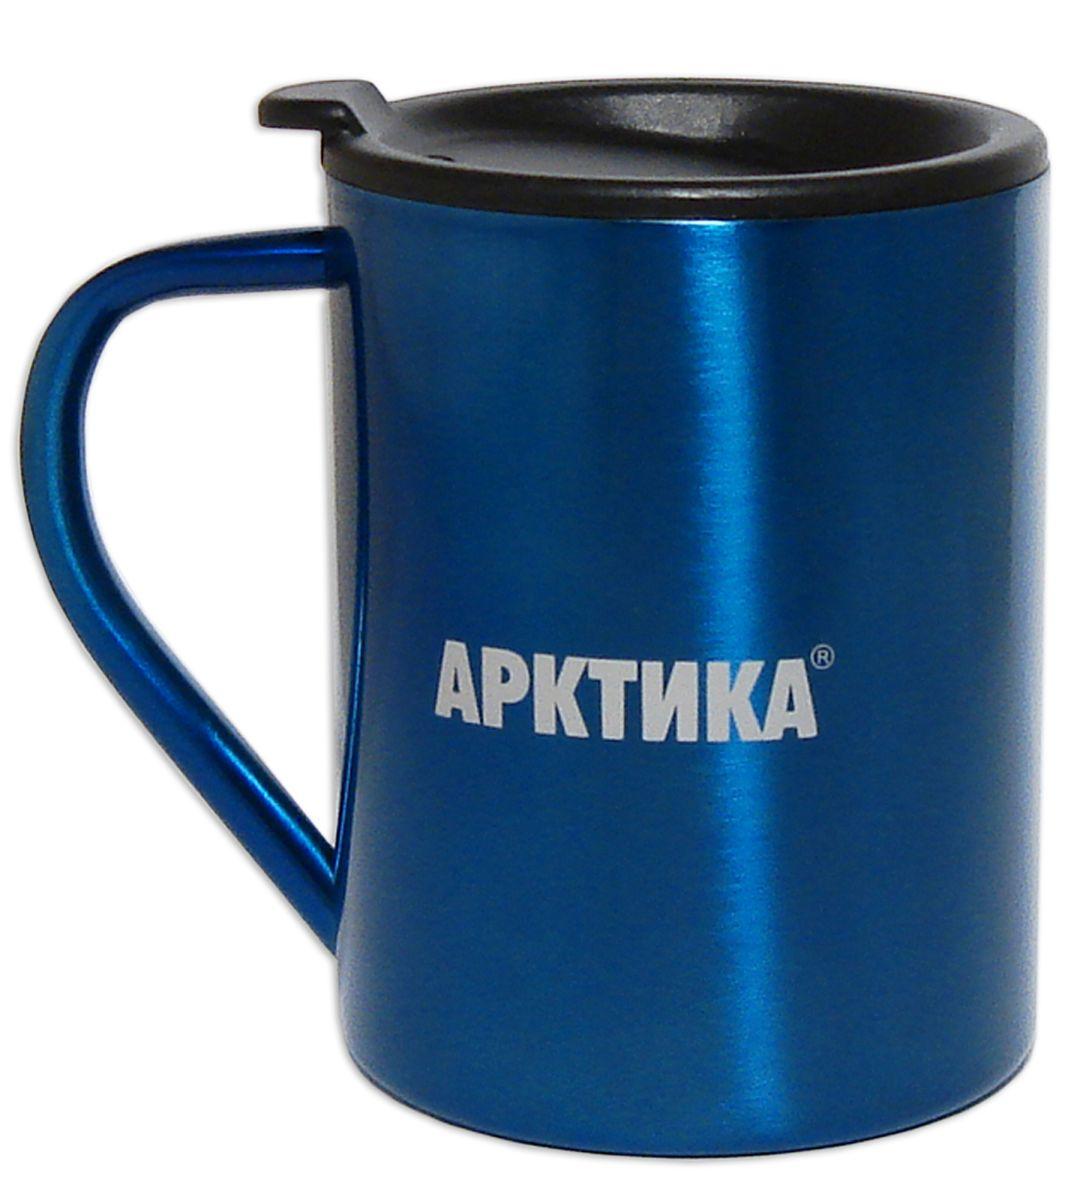 Термокружка Арктика, цвет: синий, черный, 300 мл67742Термокружка Арктика одинаково хороша и при использовании дома, если вы любите растягивать удовольствие от напитка и вам не нравится, что он так быстро остывает, и на даче, где такая посуда особенно впору в силу своей прочности, долговечности и практичности. Изделием приятно пользоваться, ведь оно не обжигает руки, его легко мыть. Термокружка выполнена из прочной нержавеющей стали, благодаря чему ее можно не бояться уронить. Имеется пластиковая крышка с силиконовой вставкой. В ней расположено отверстие, через которое можно пить.Диаметр кружки (по верхнему краю): 7,8 см.Высота кружки (без учета крышки): 9 см.